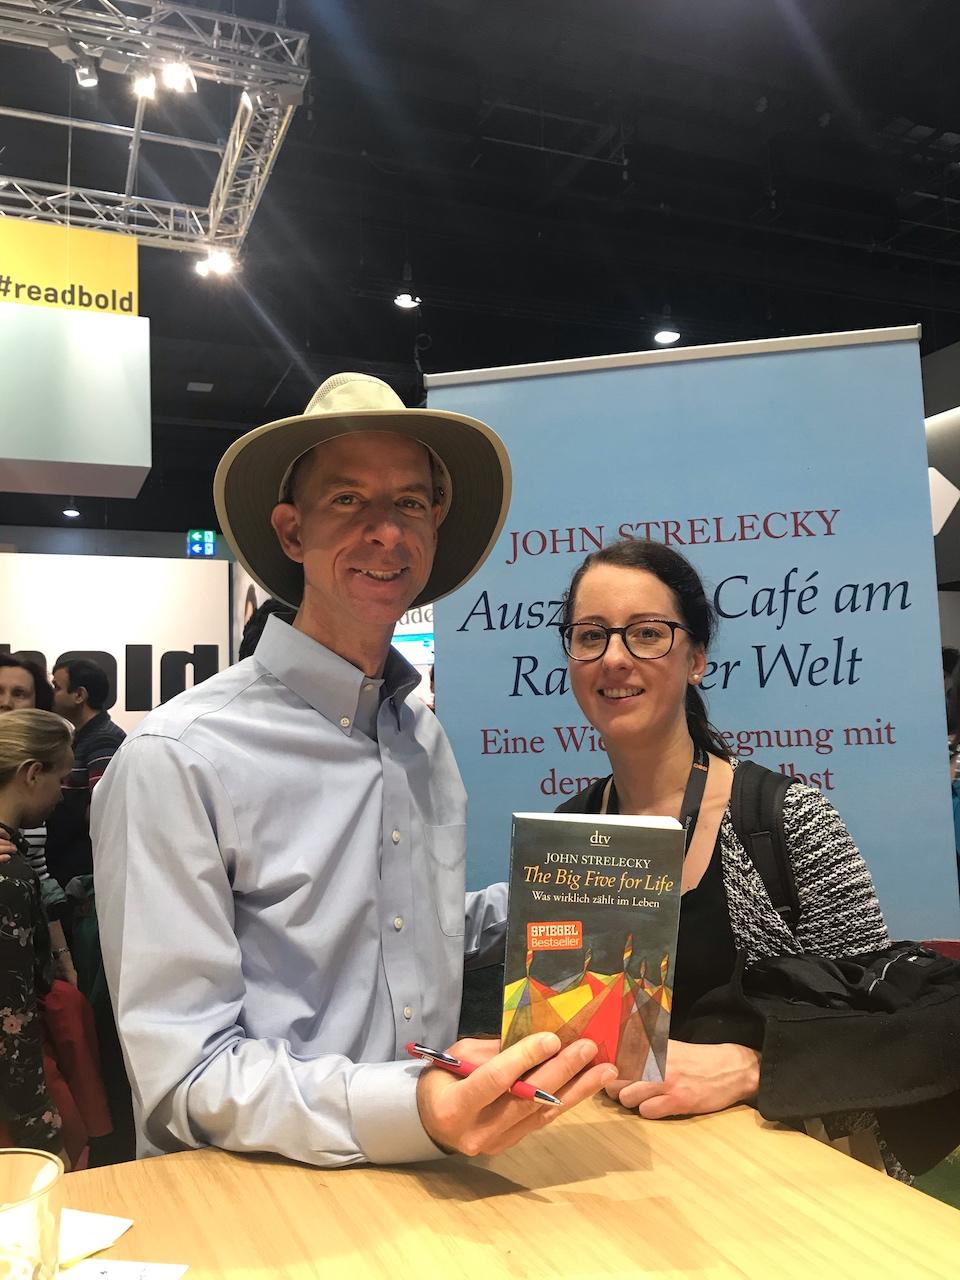 Foto von mir und John Strelecky nach Signierung des Buches Big Five for Life